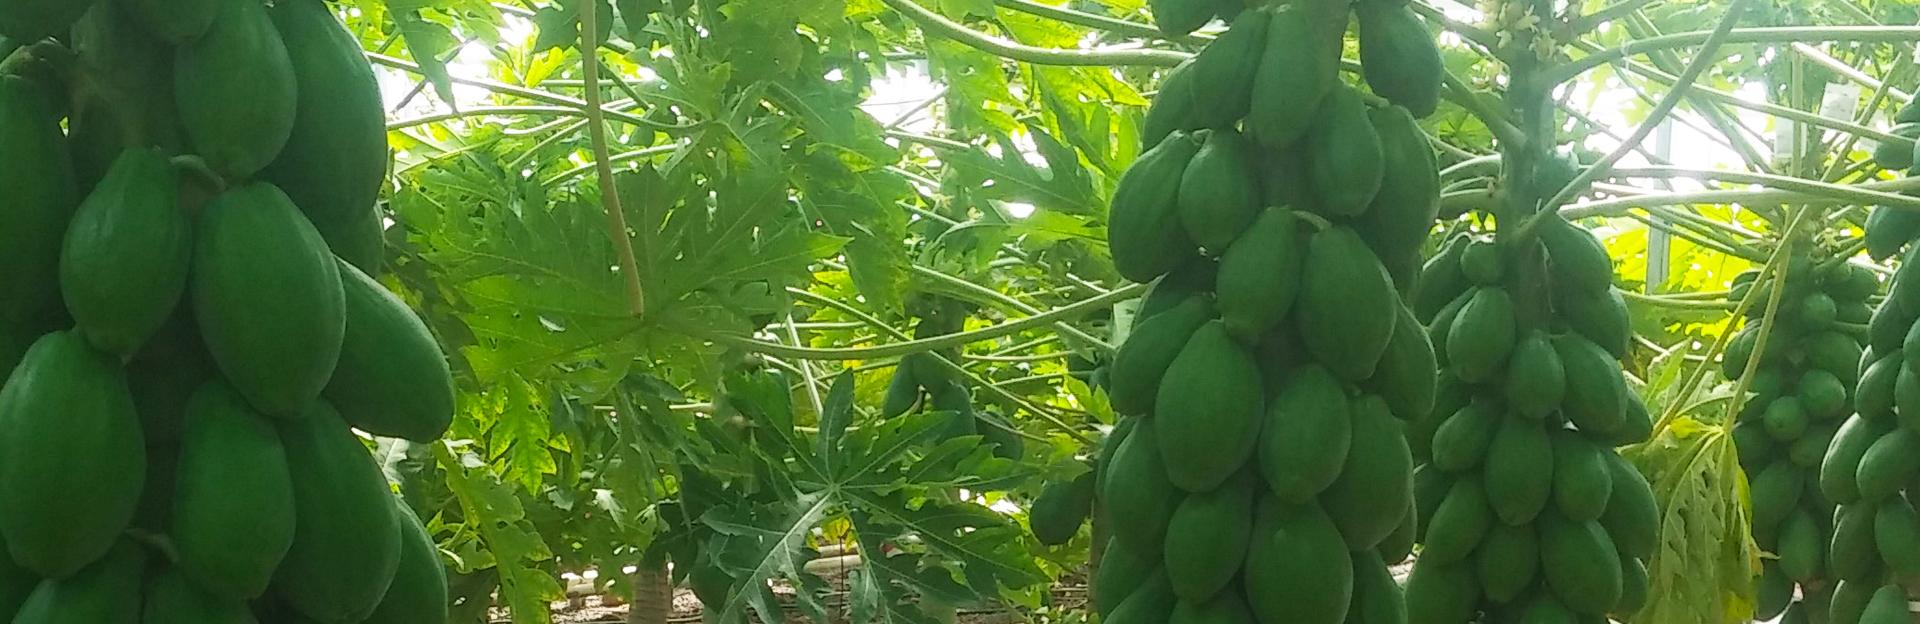 Bio Algarrobo Frutas y hortalizas ecológicas de Málaga